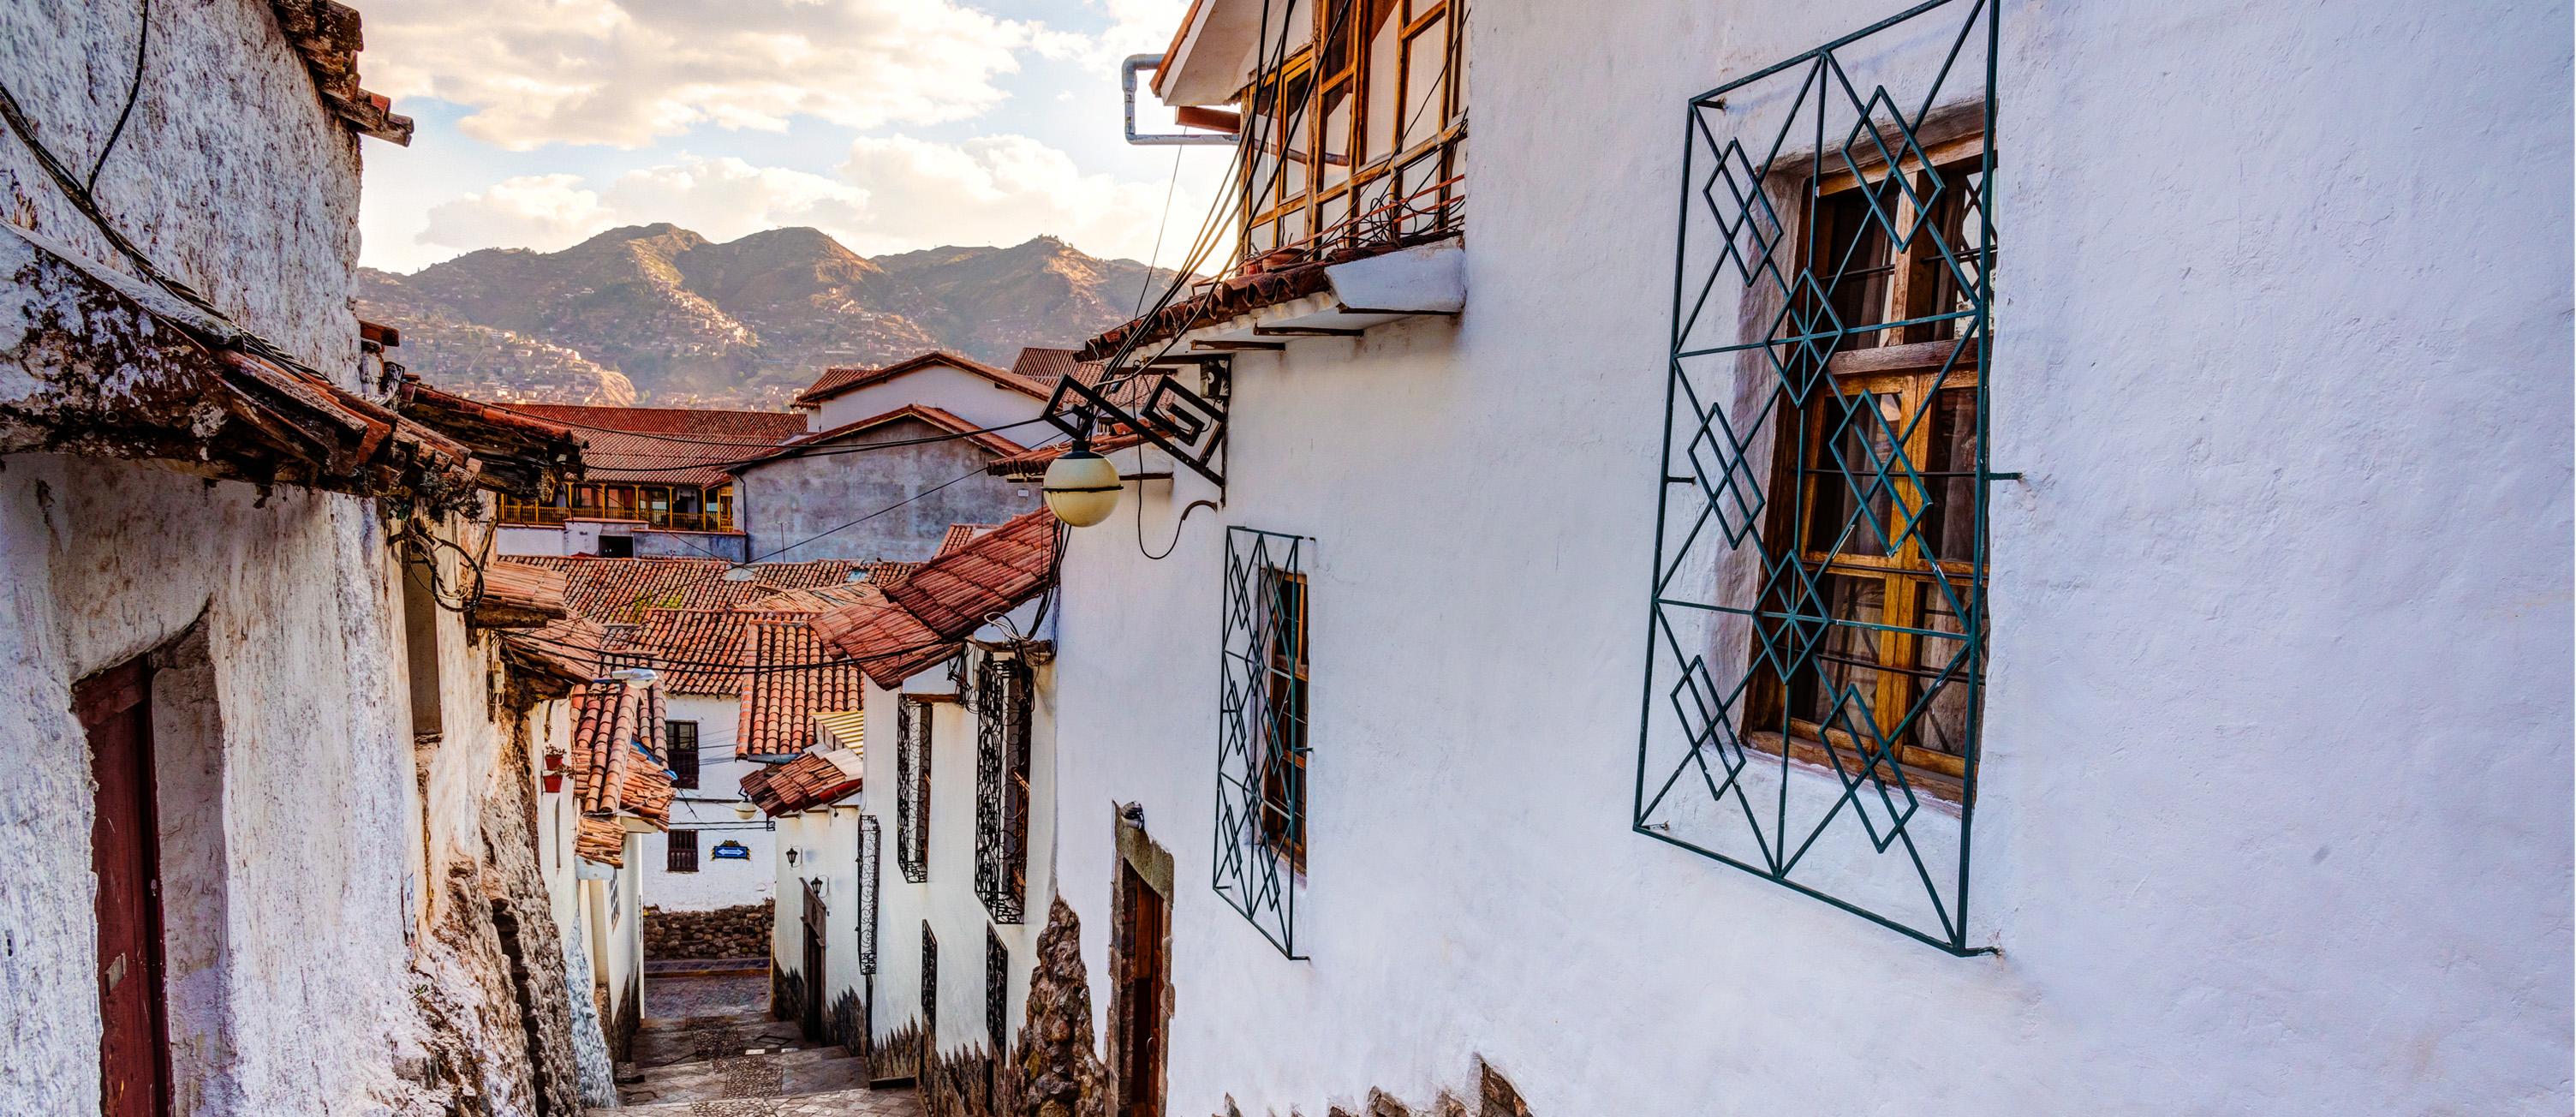 Cuzco-Peru-Achiote-Roads